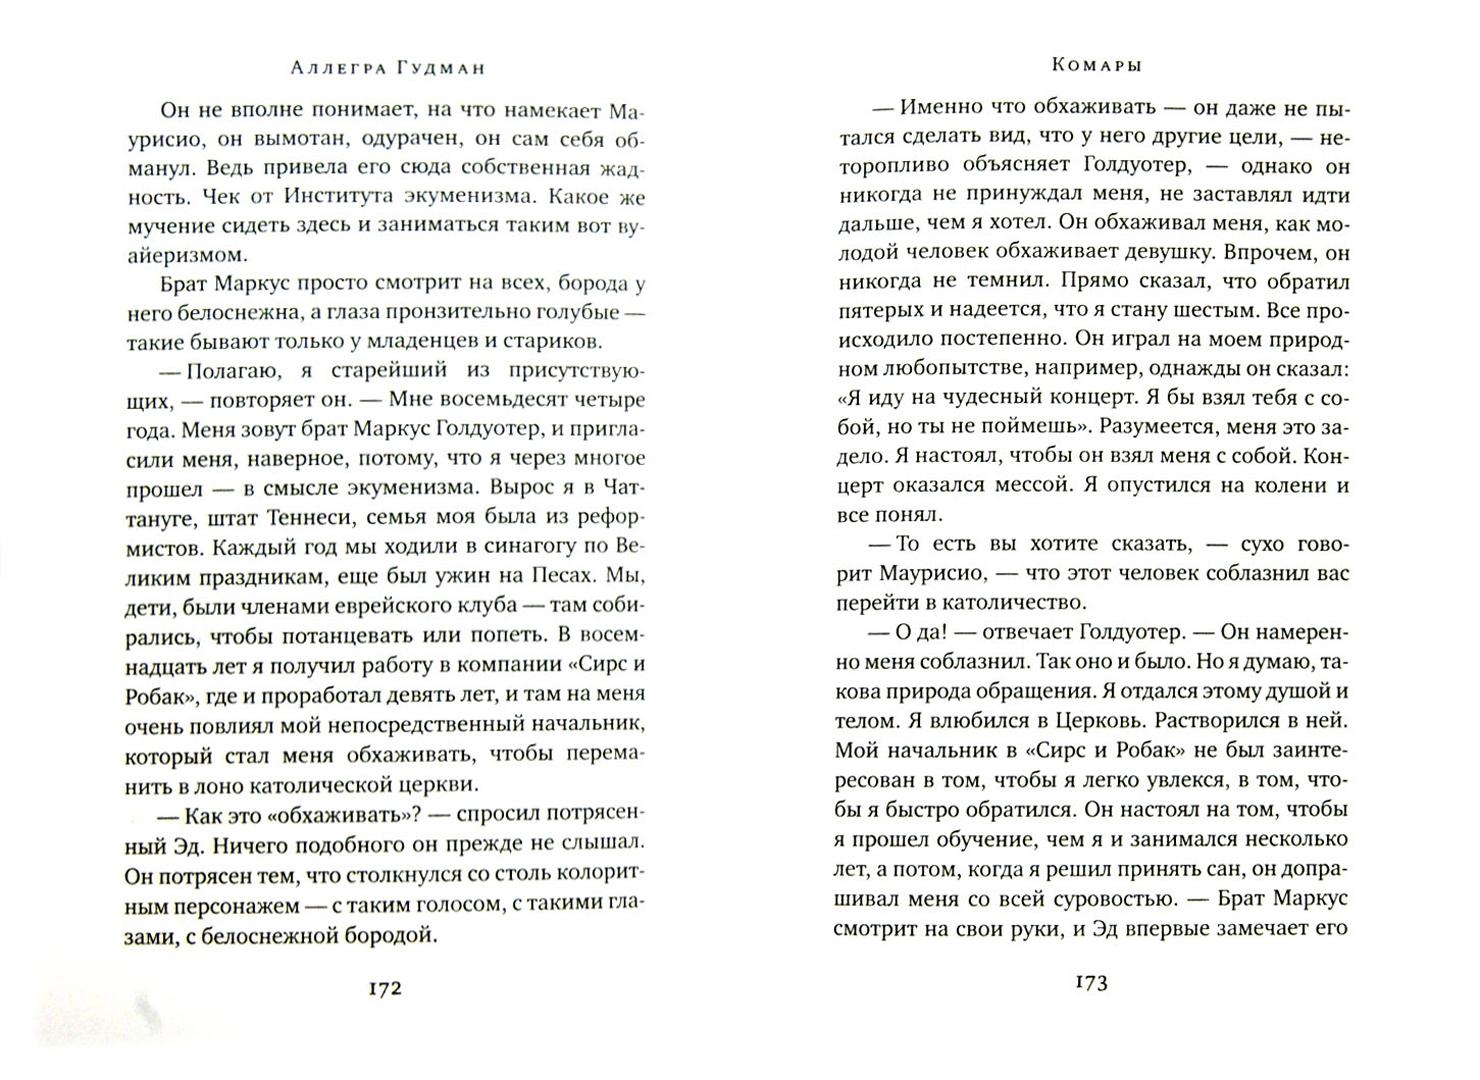 Иллюстрация 1 из 7 для Семья Марковиц - Аллегра Гудман | Лабиринт - книги. Источник: Лабиринт